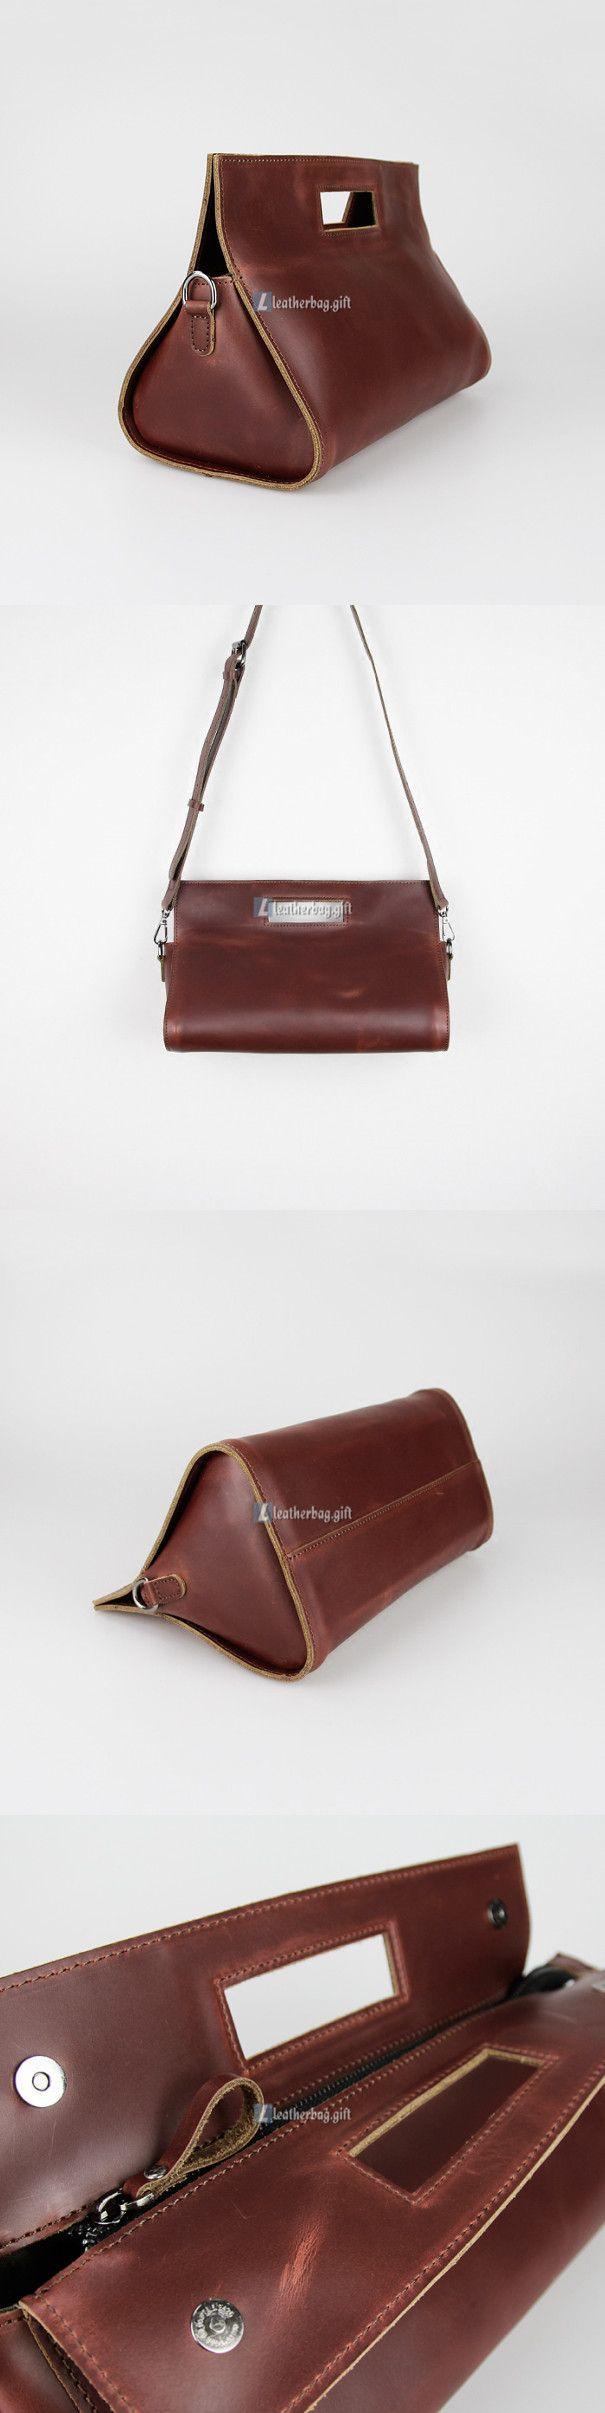 $173.30 Handbags For Women Shoulder Bag Purses